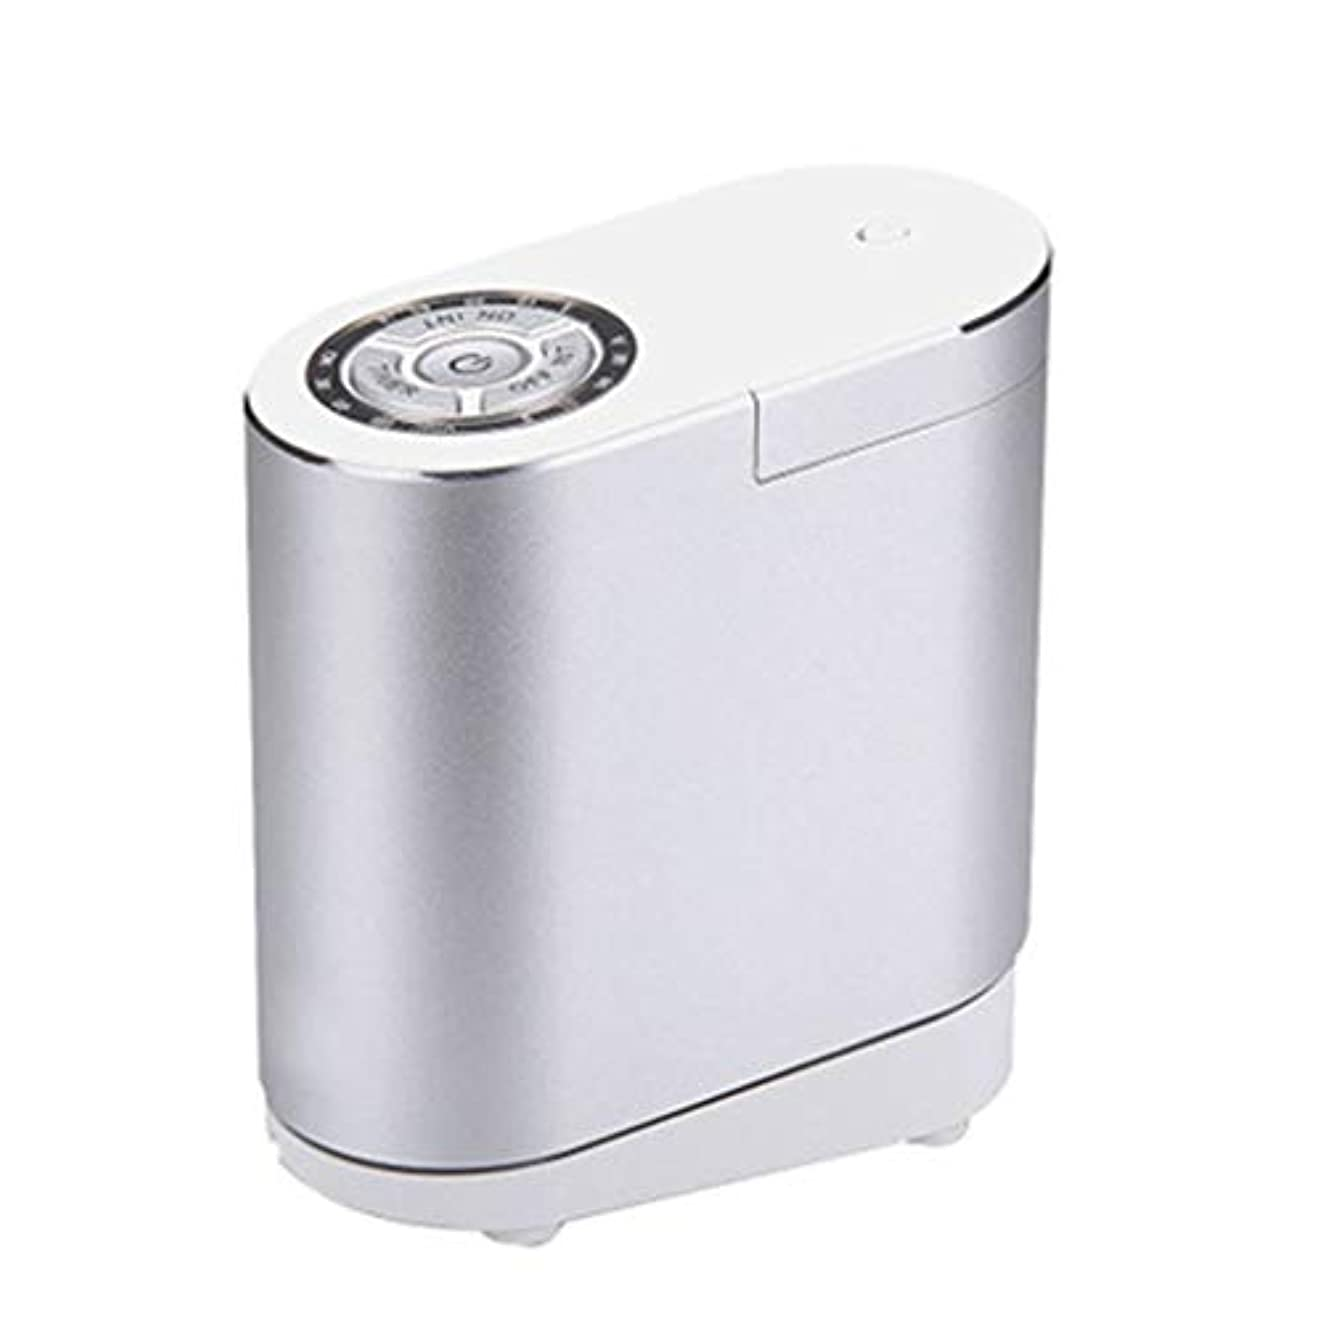 ビジネス引き算反乱クールミスト空気加湿器、30ミリリットルディフューザーエアコン、4Sショップのリビングルームの研究寝室のオフィスに適して (Color : Silver)